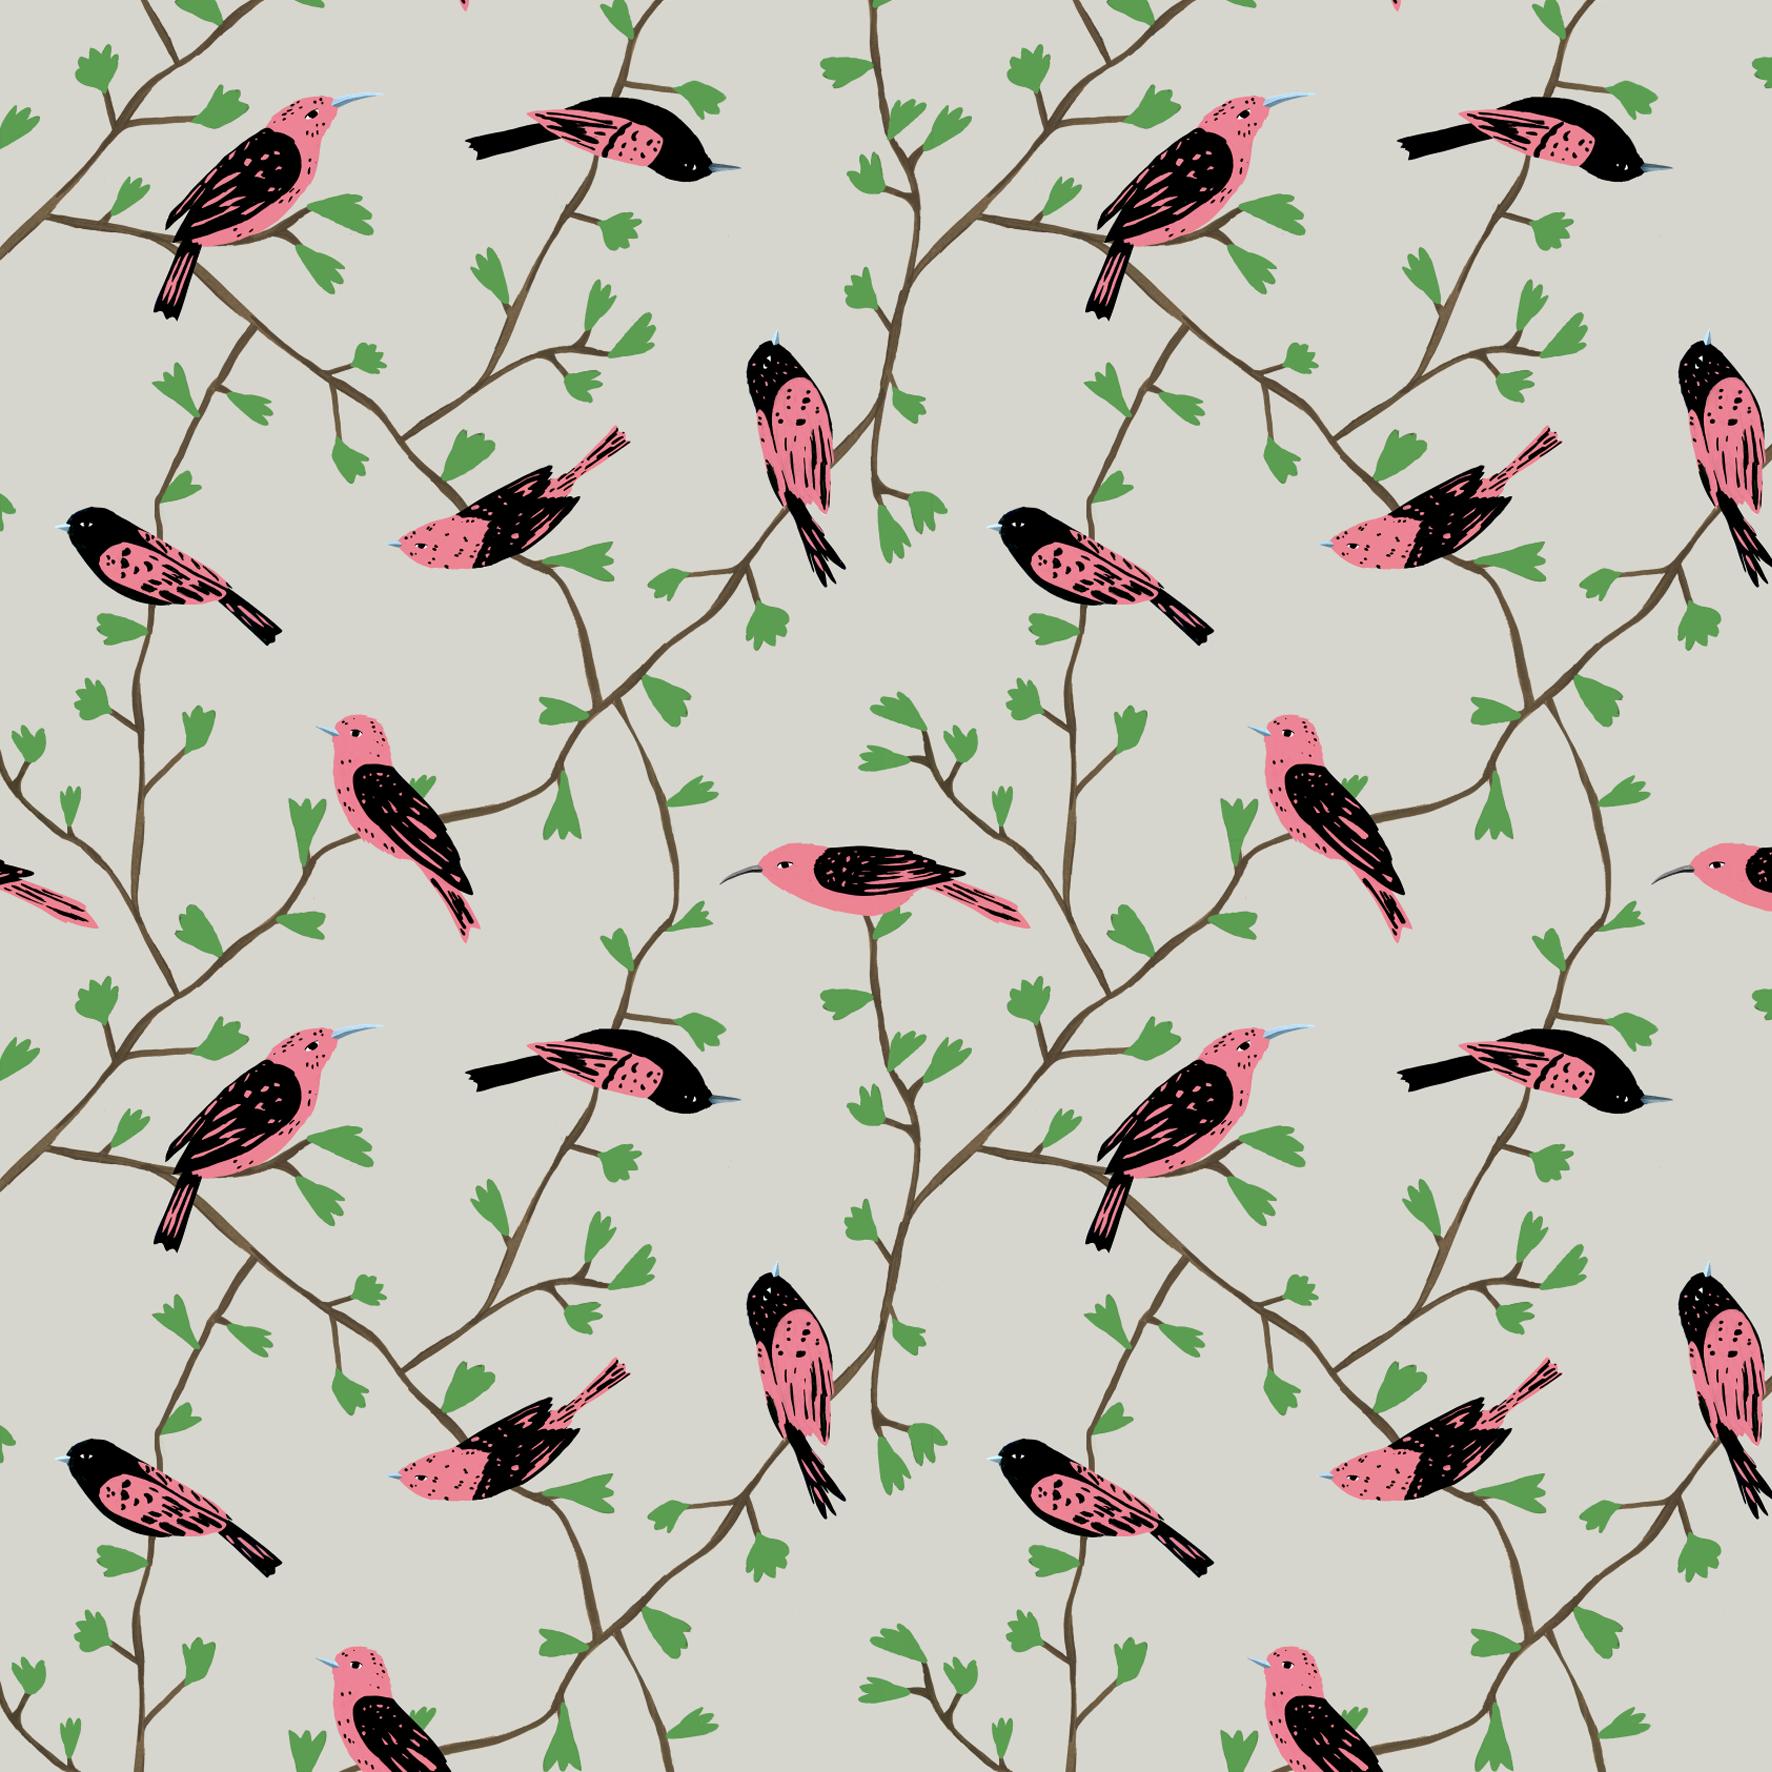 melissa boardman pink birds in vines pattern.png